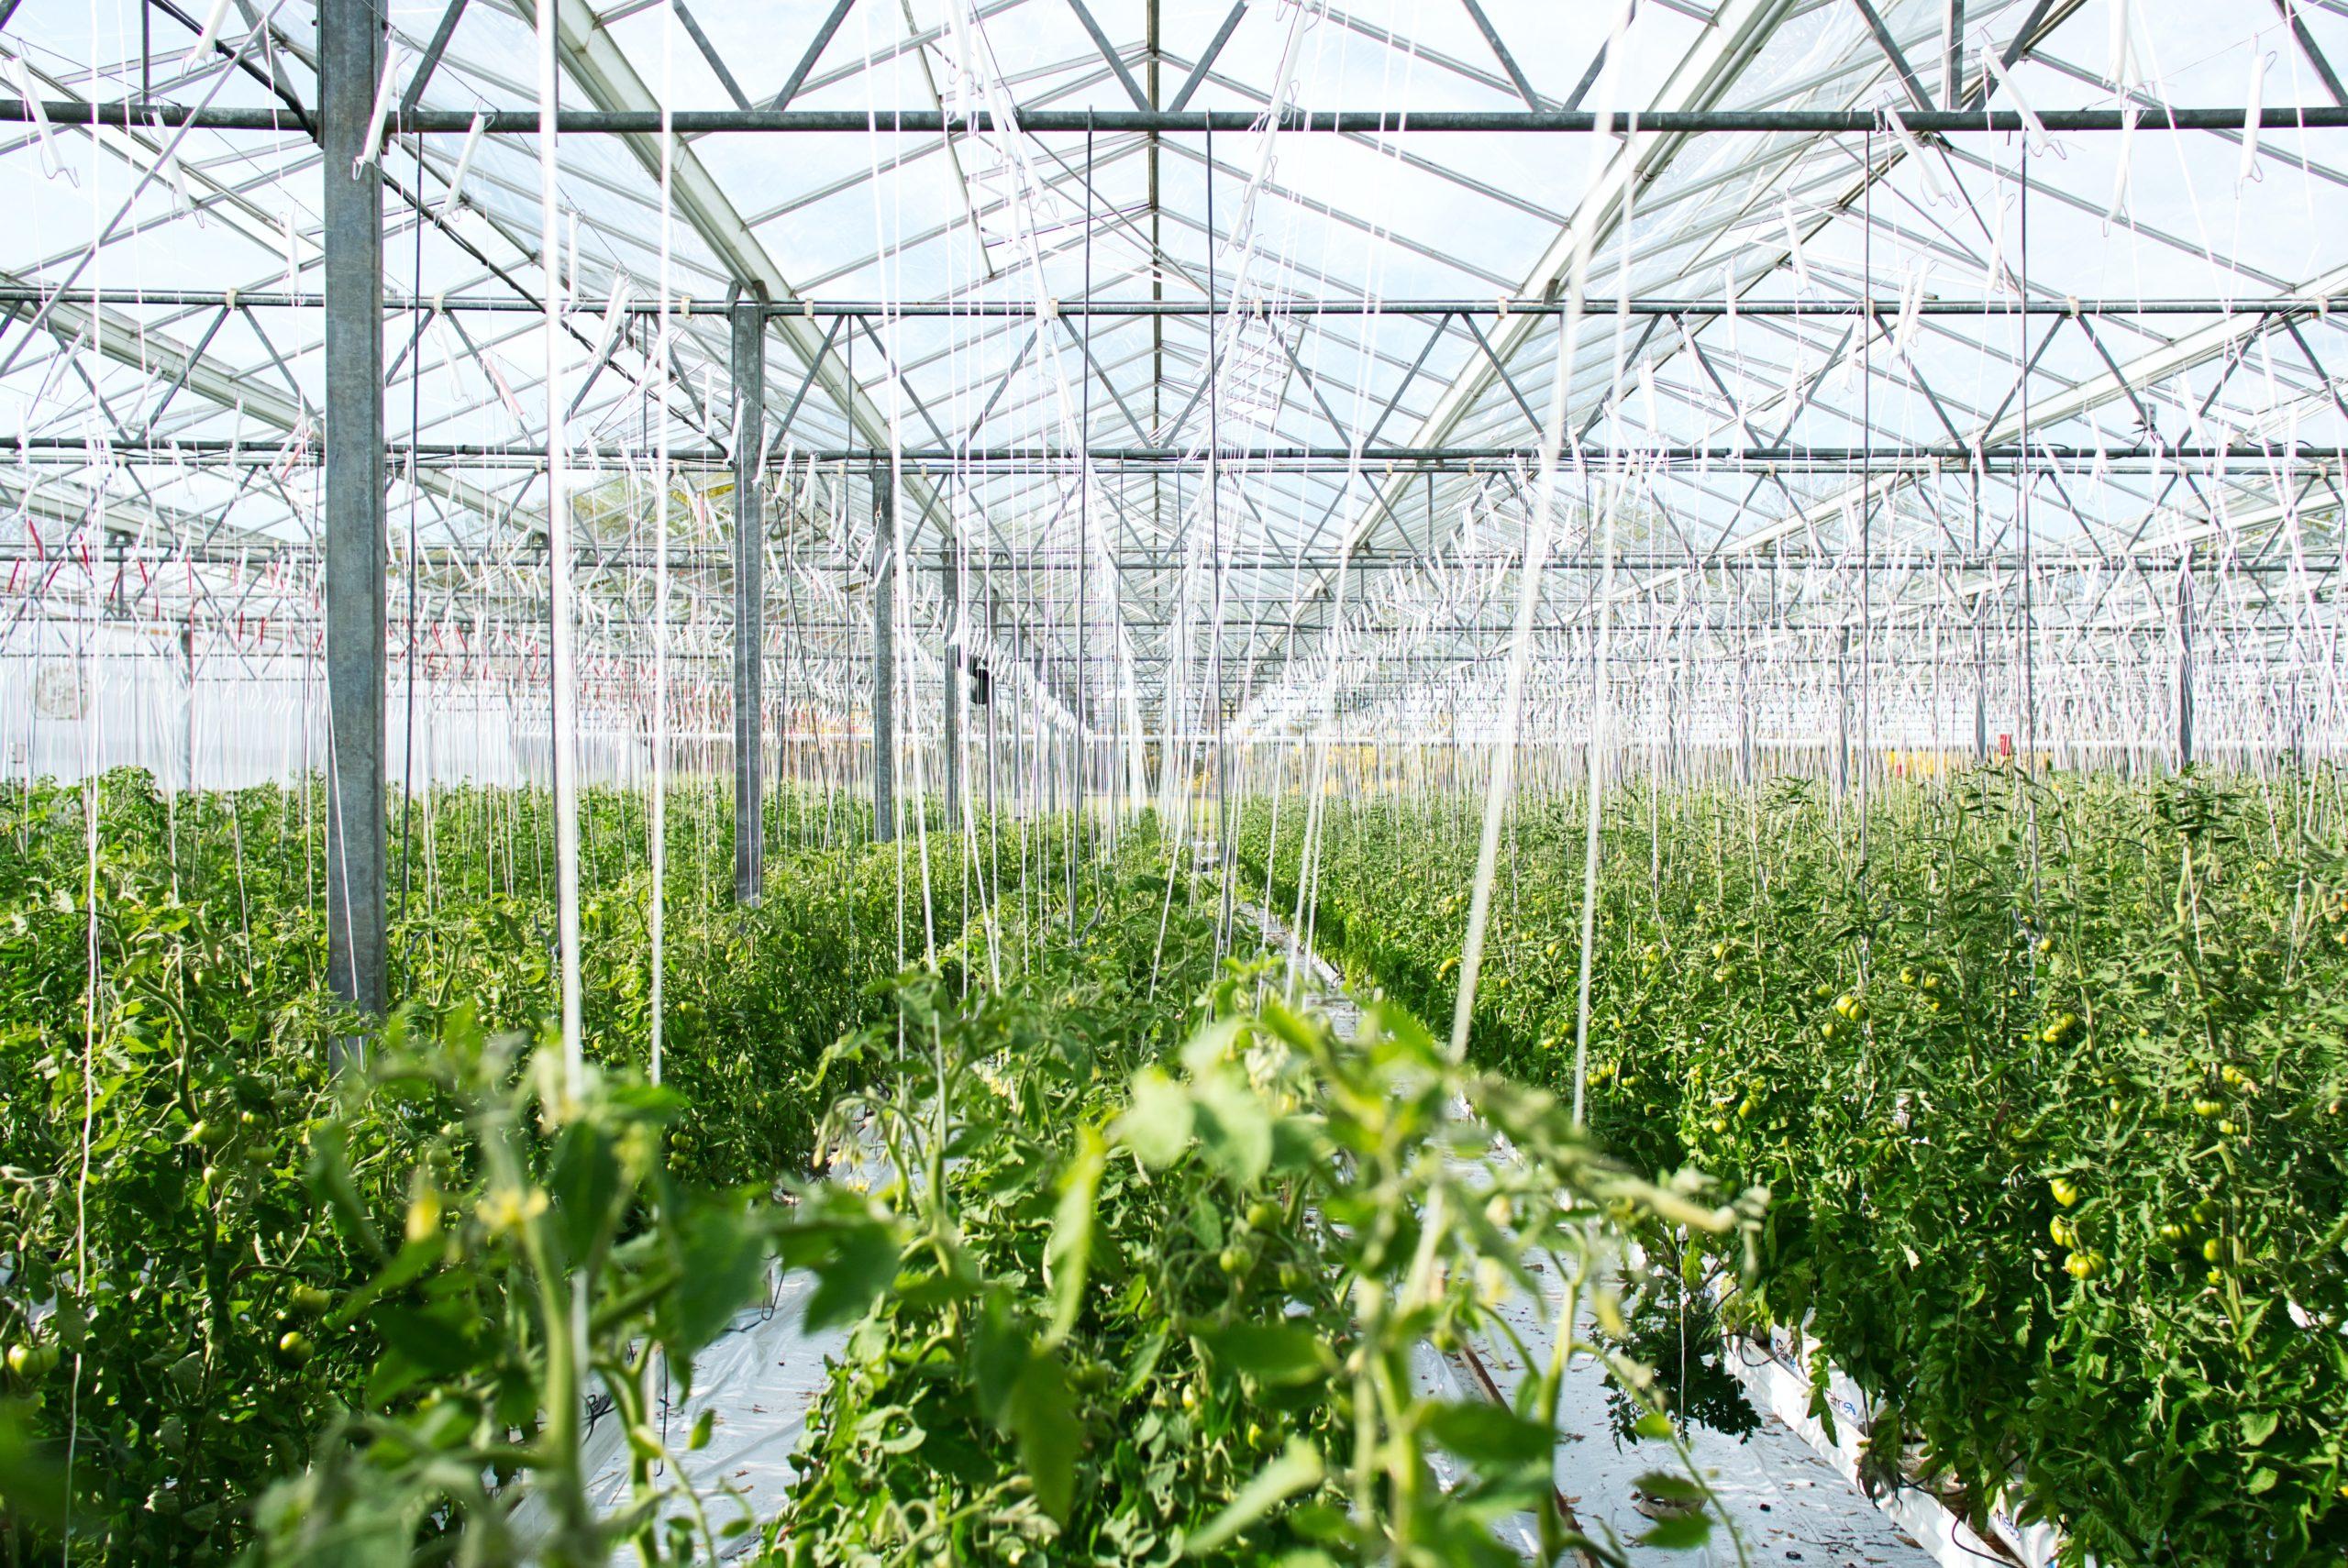 Así es el invernadero de azotea más grande del mundo de Lufa Farms